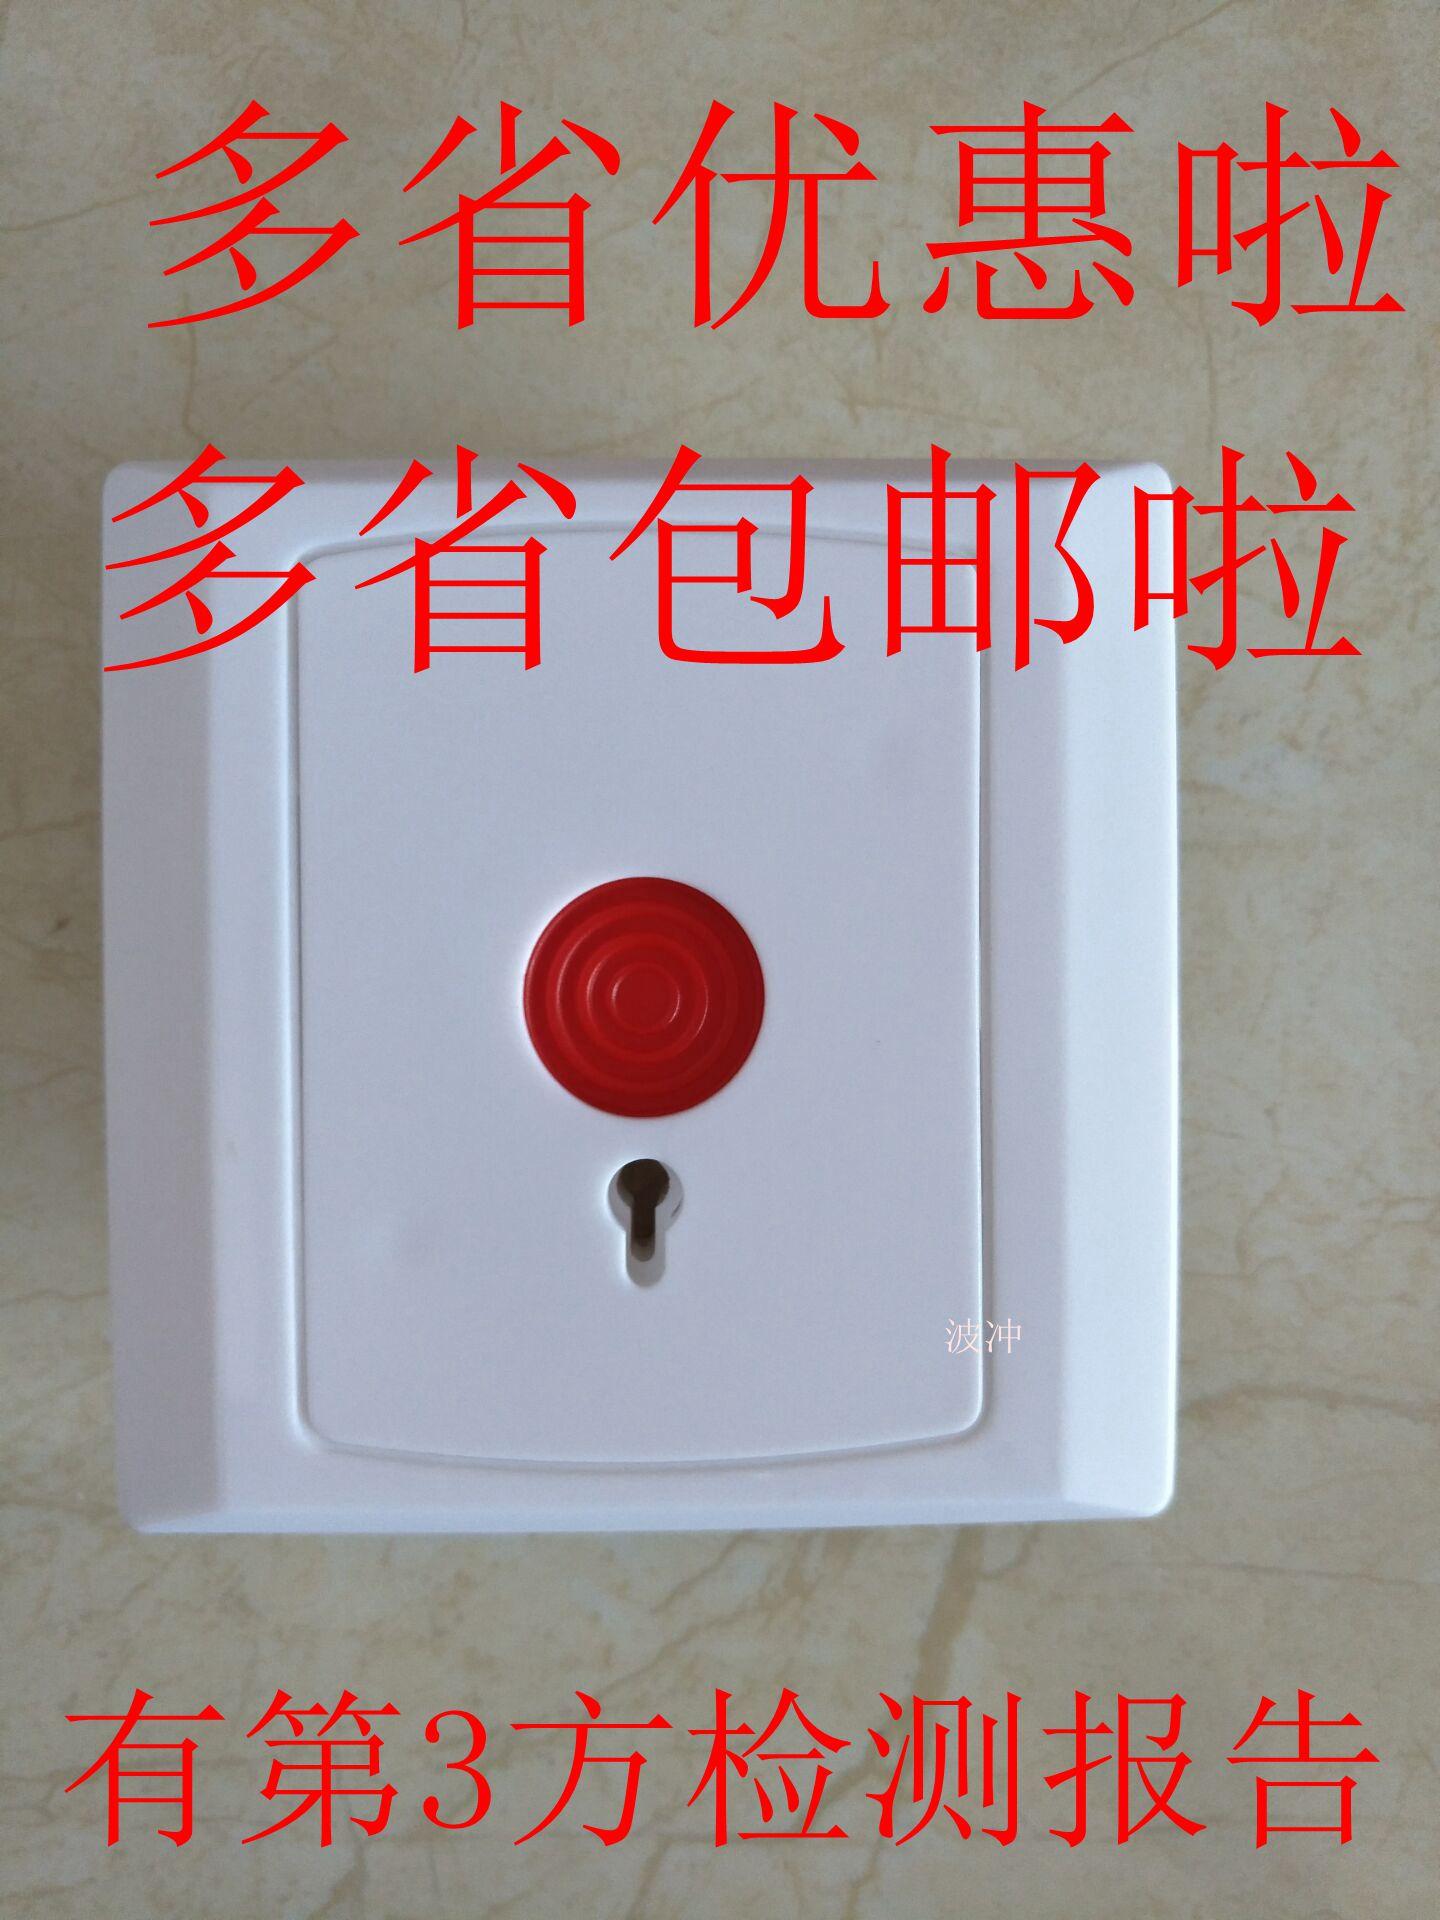 Аварийная кнопка с волновым ударом PB-28B переключатель 86 коробок панель ключ Аварийный аварийный сигнал обычно открыт и нормально закрыт